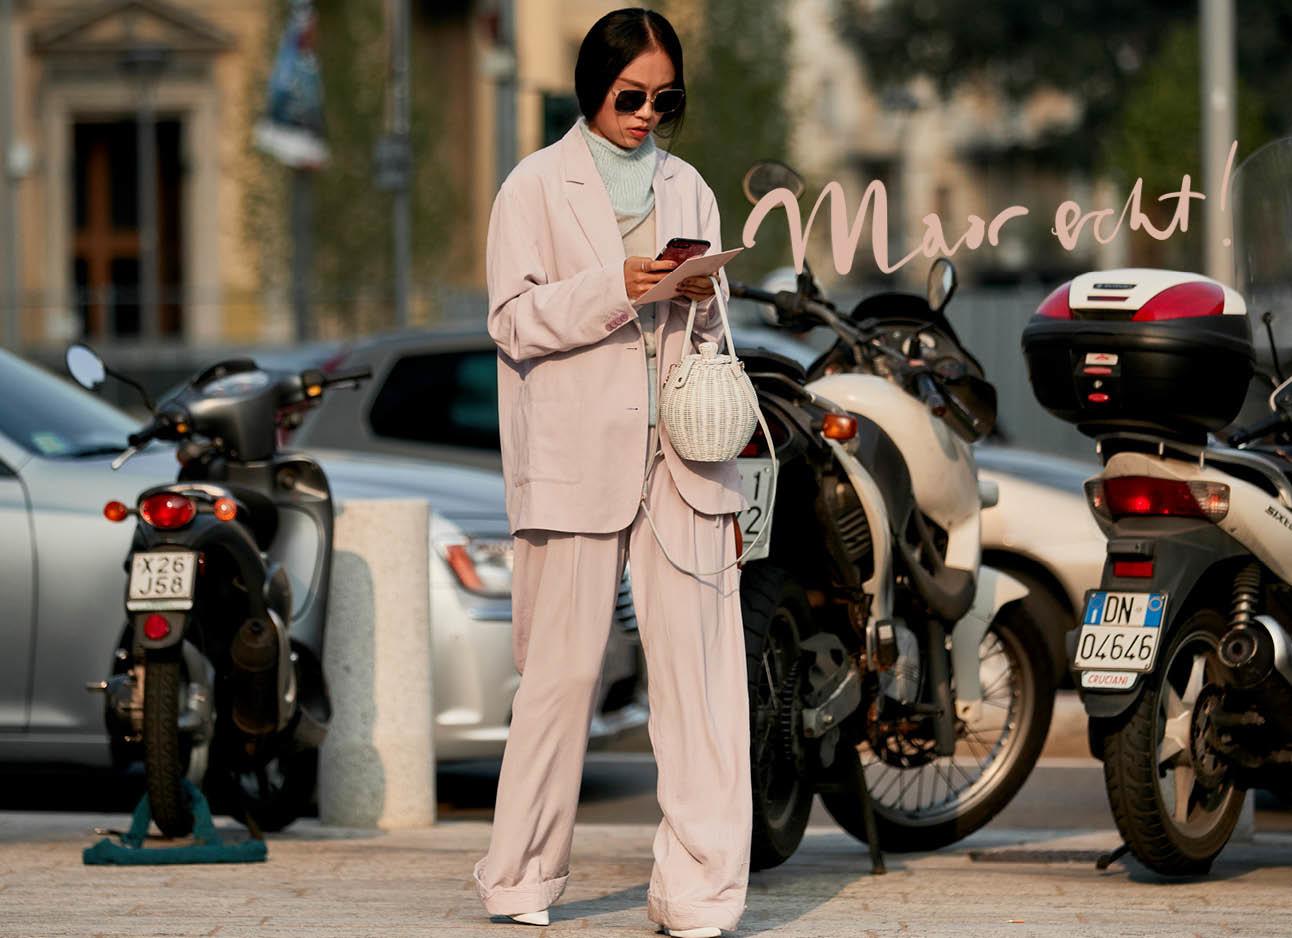 vrouw in roze pak loopt over straat kijkend op haar telefoon